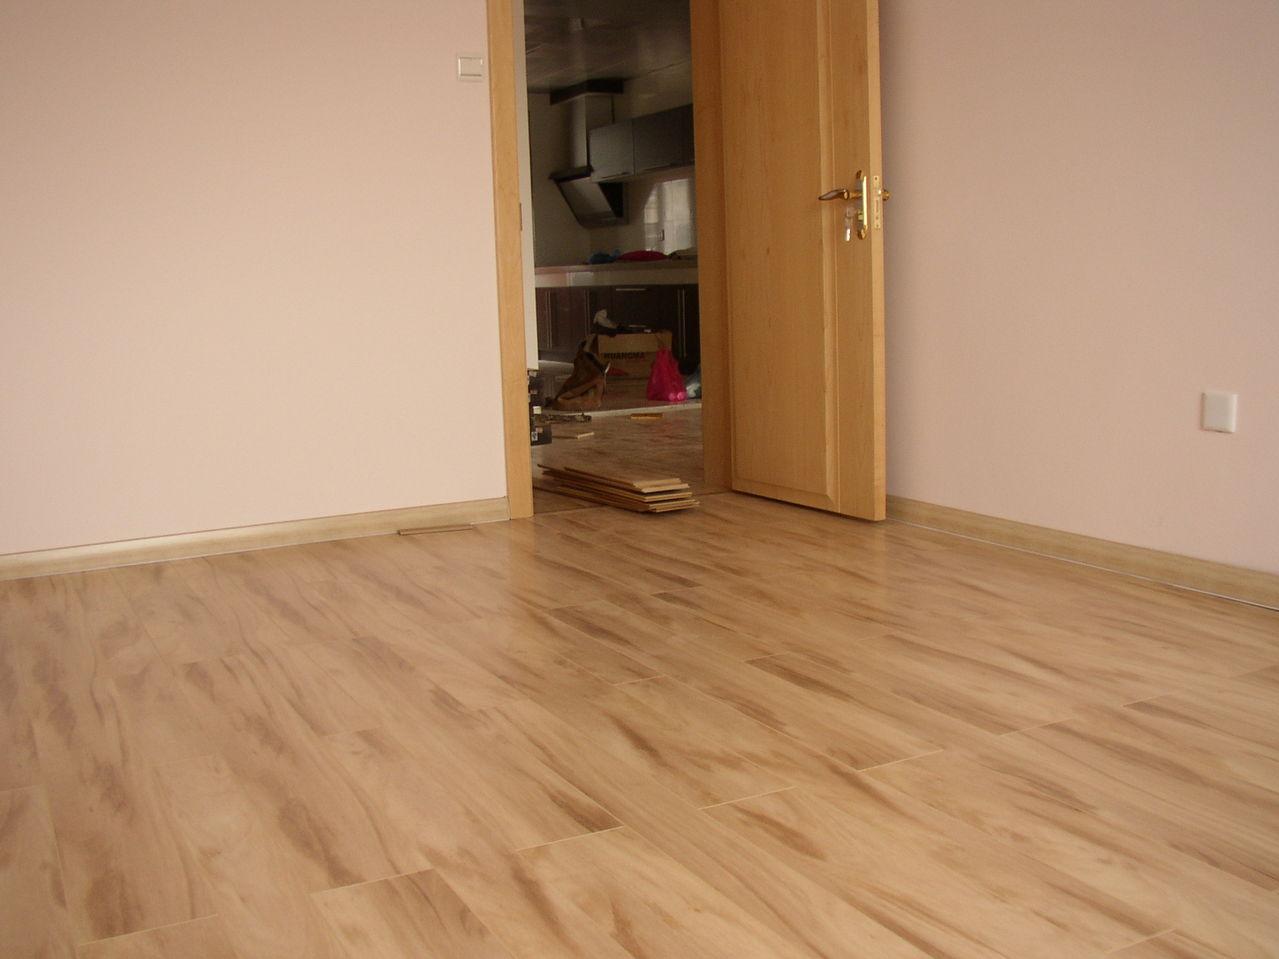 我当时用是生活家的一款复合地板,颜色是浅淡的黄色,跟门比较搭.